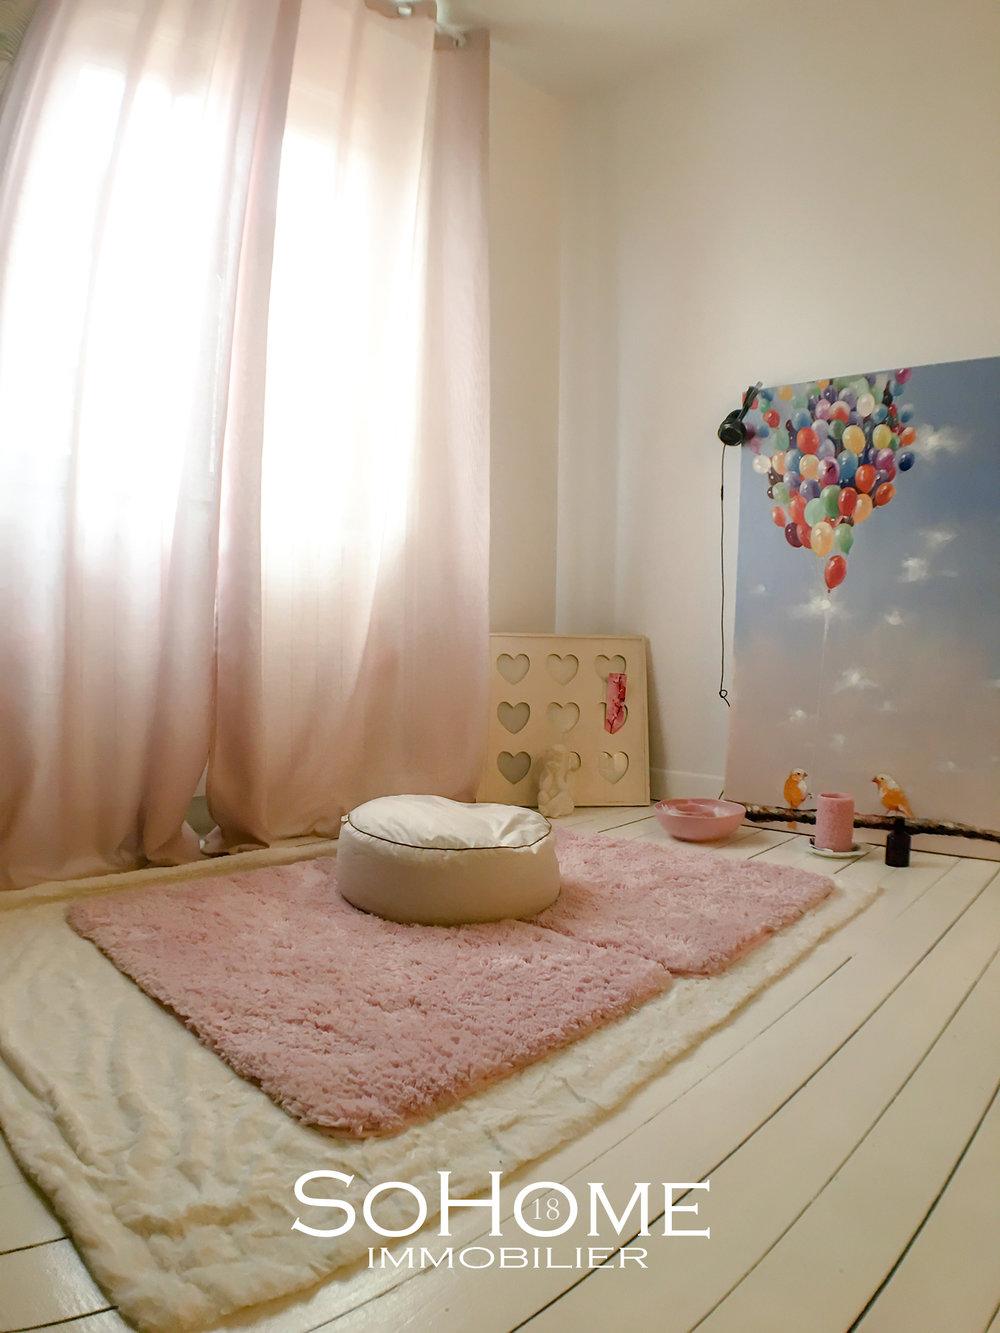 SoHome-Maison-ZEN-1.jpg